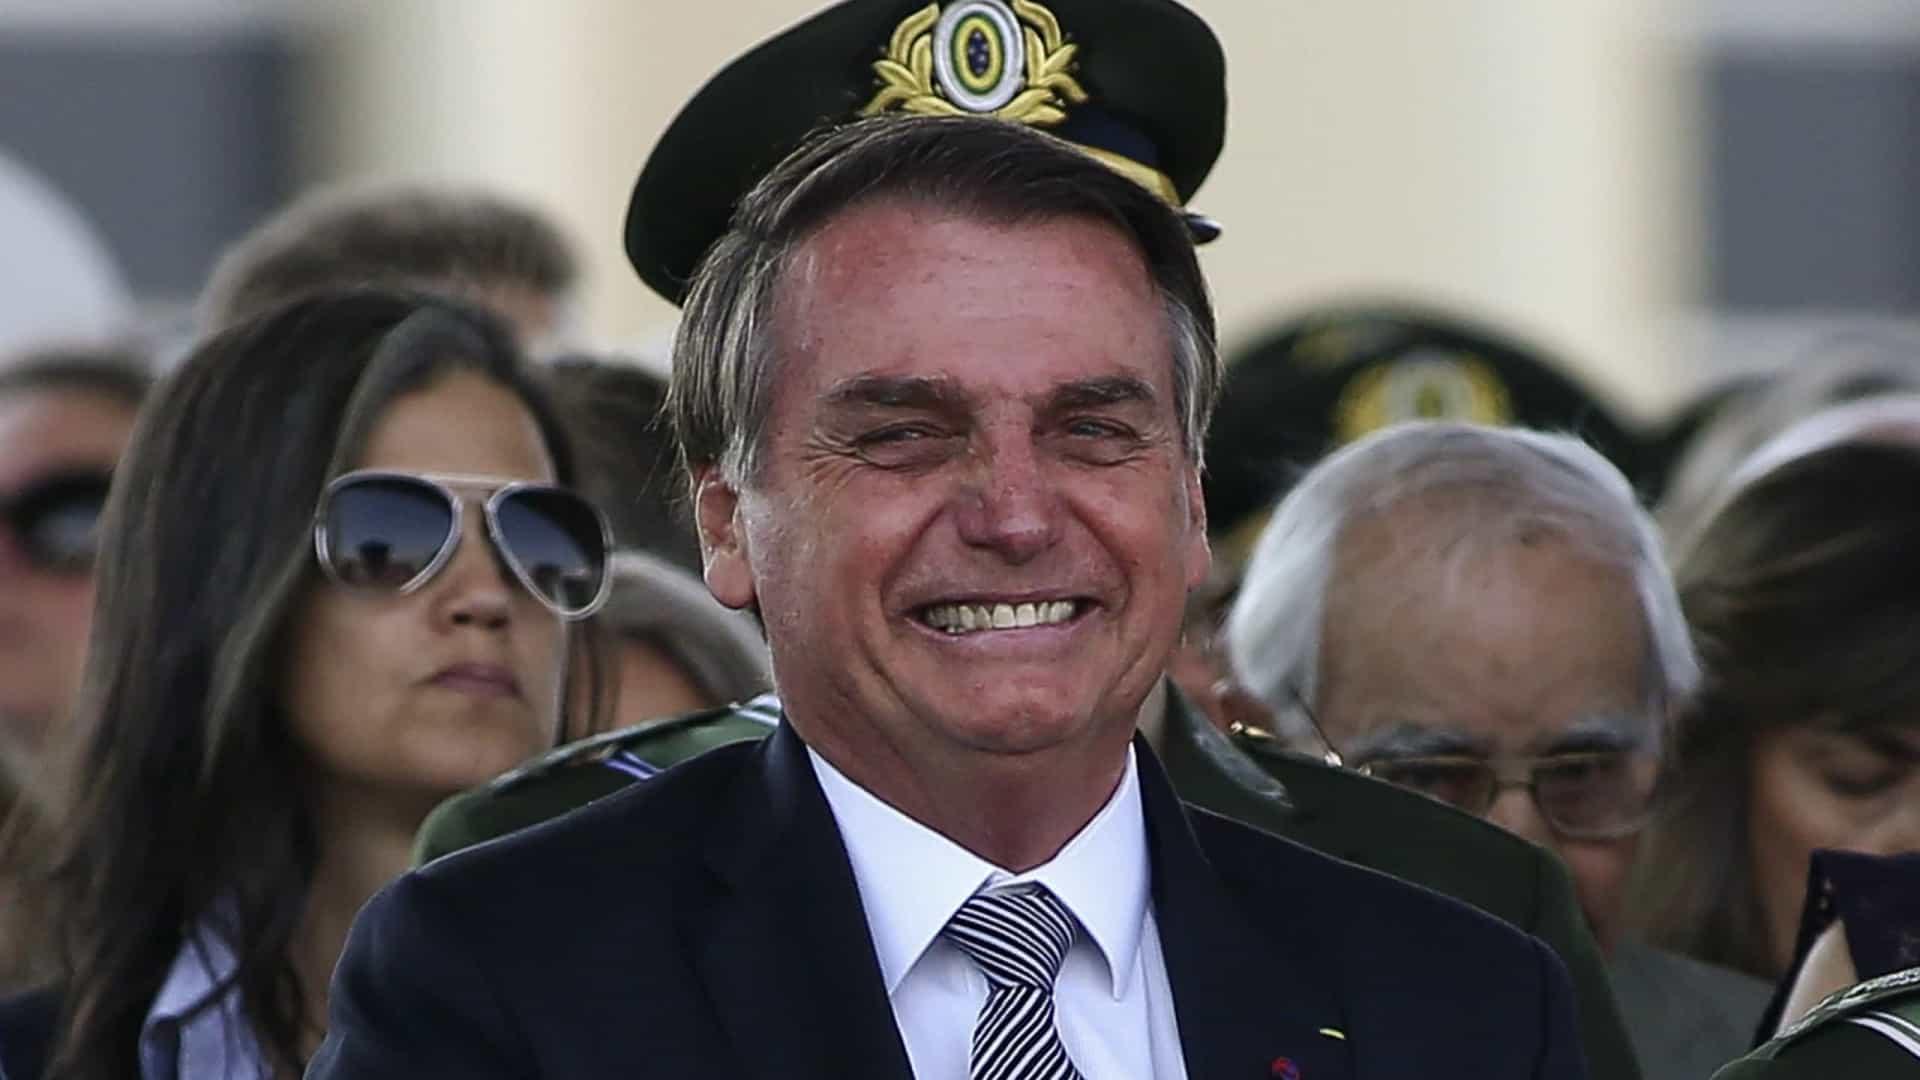 Caguei para a CPI, não vou responder nada, diz Bolsonaro sobre carta de senadores